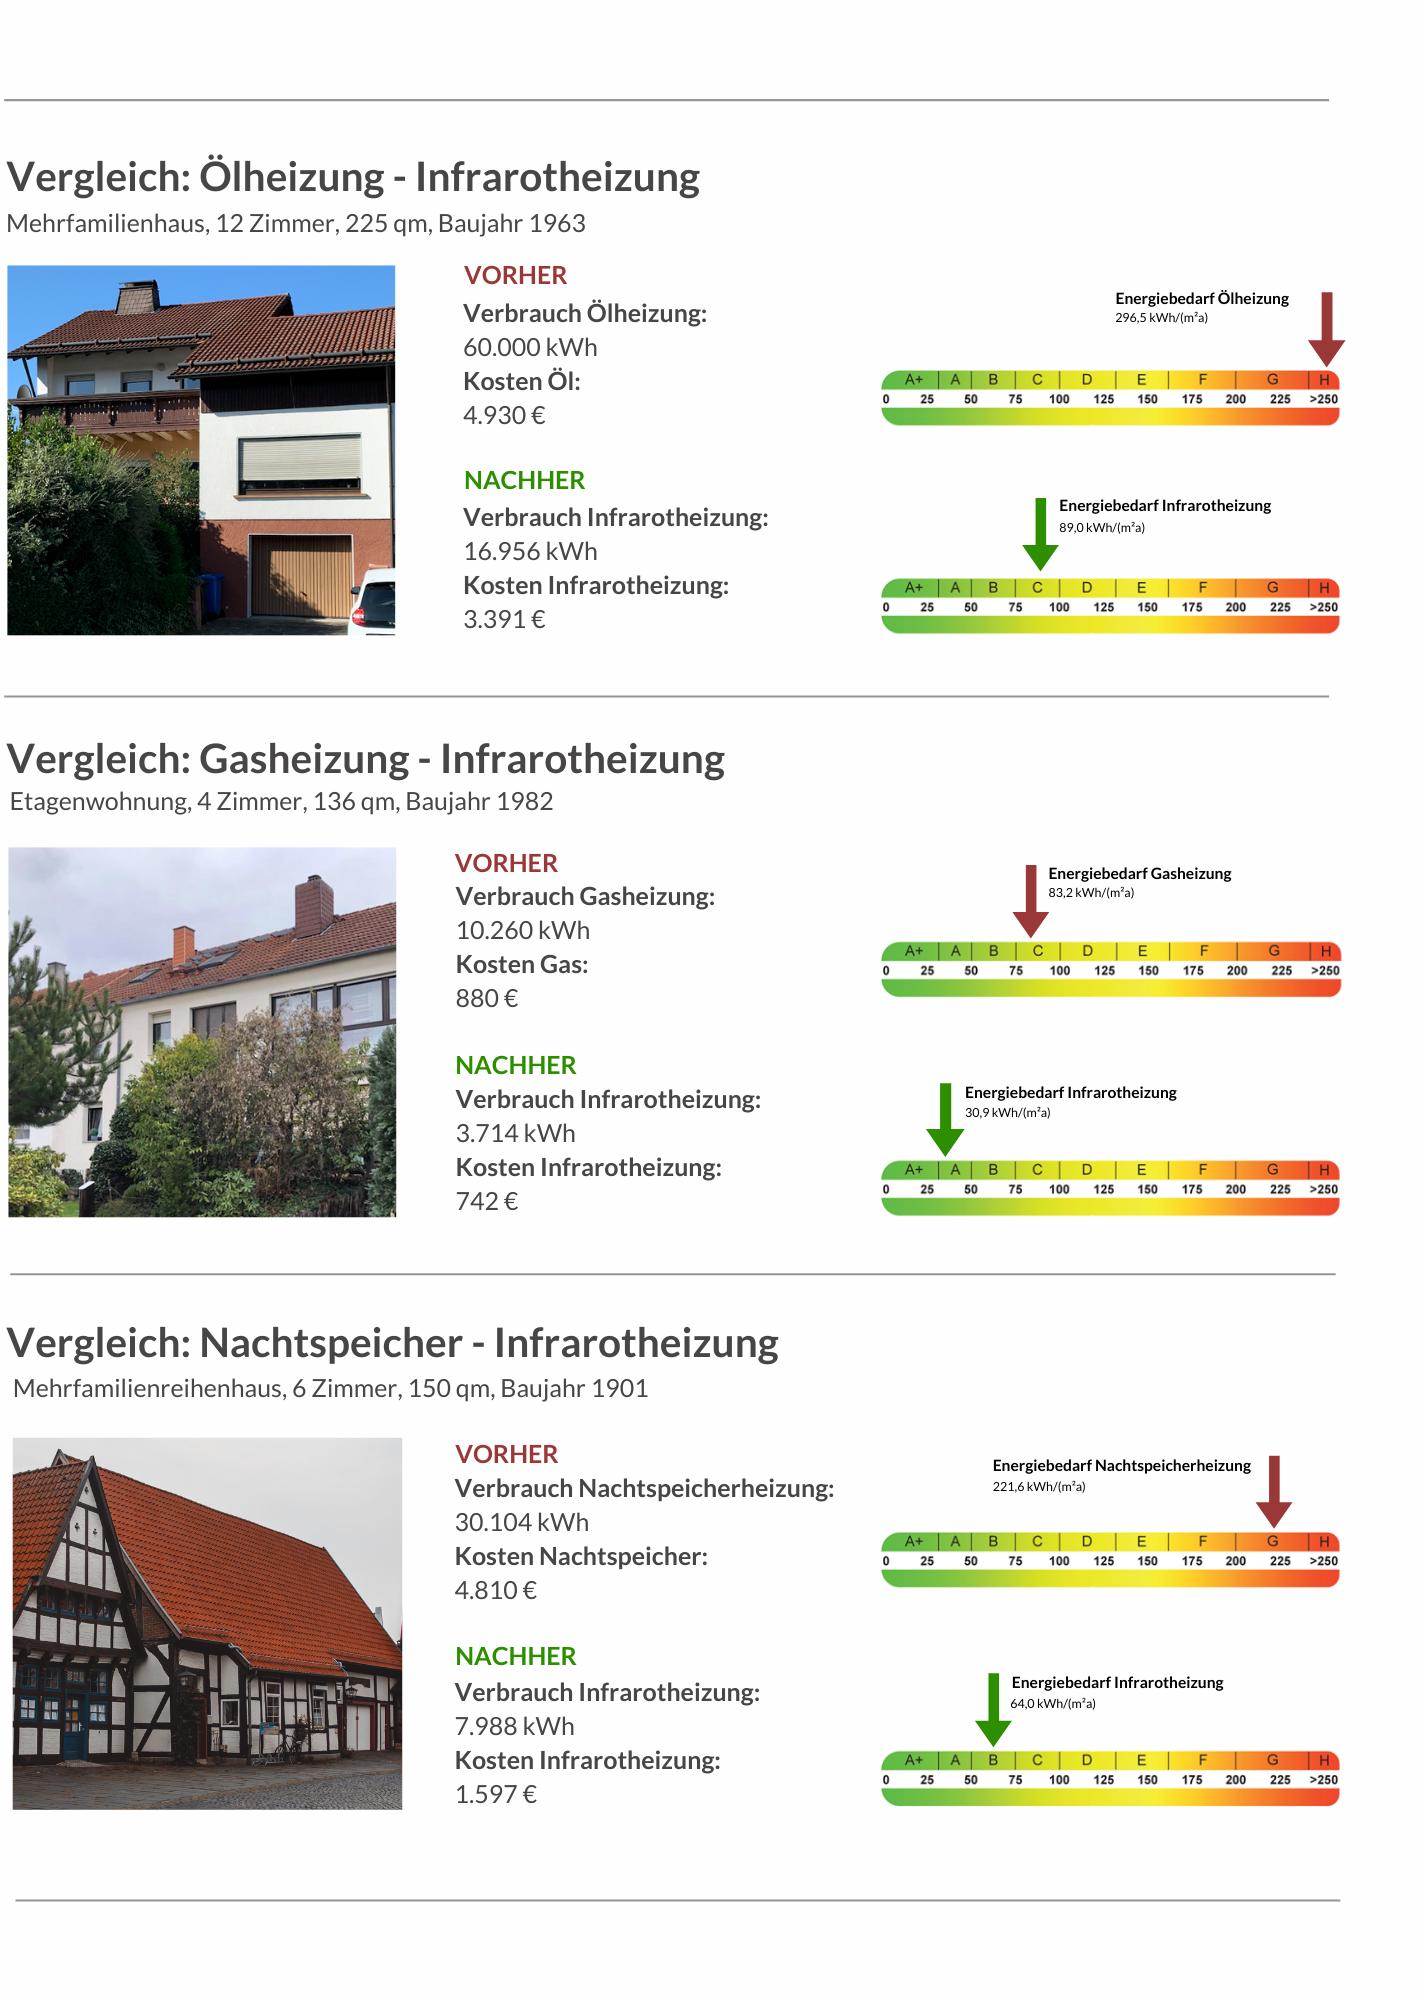 Vergleich_Heizsysteme_wemondo